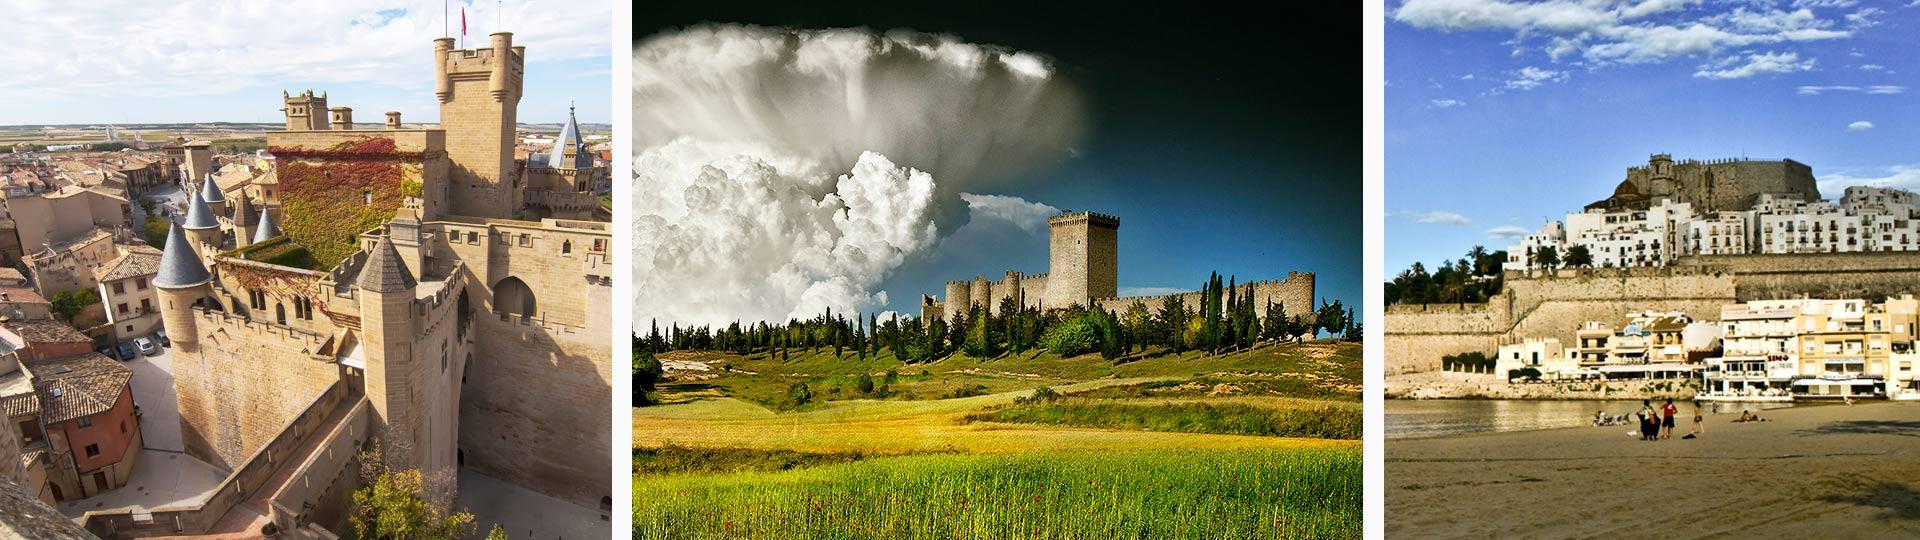 Turismo España | Castillos y fortalezas